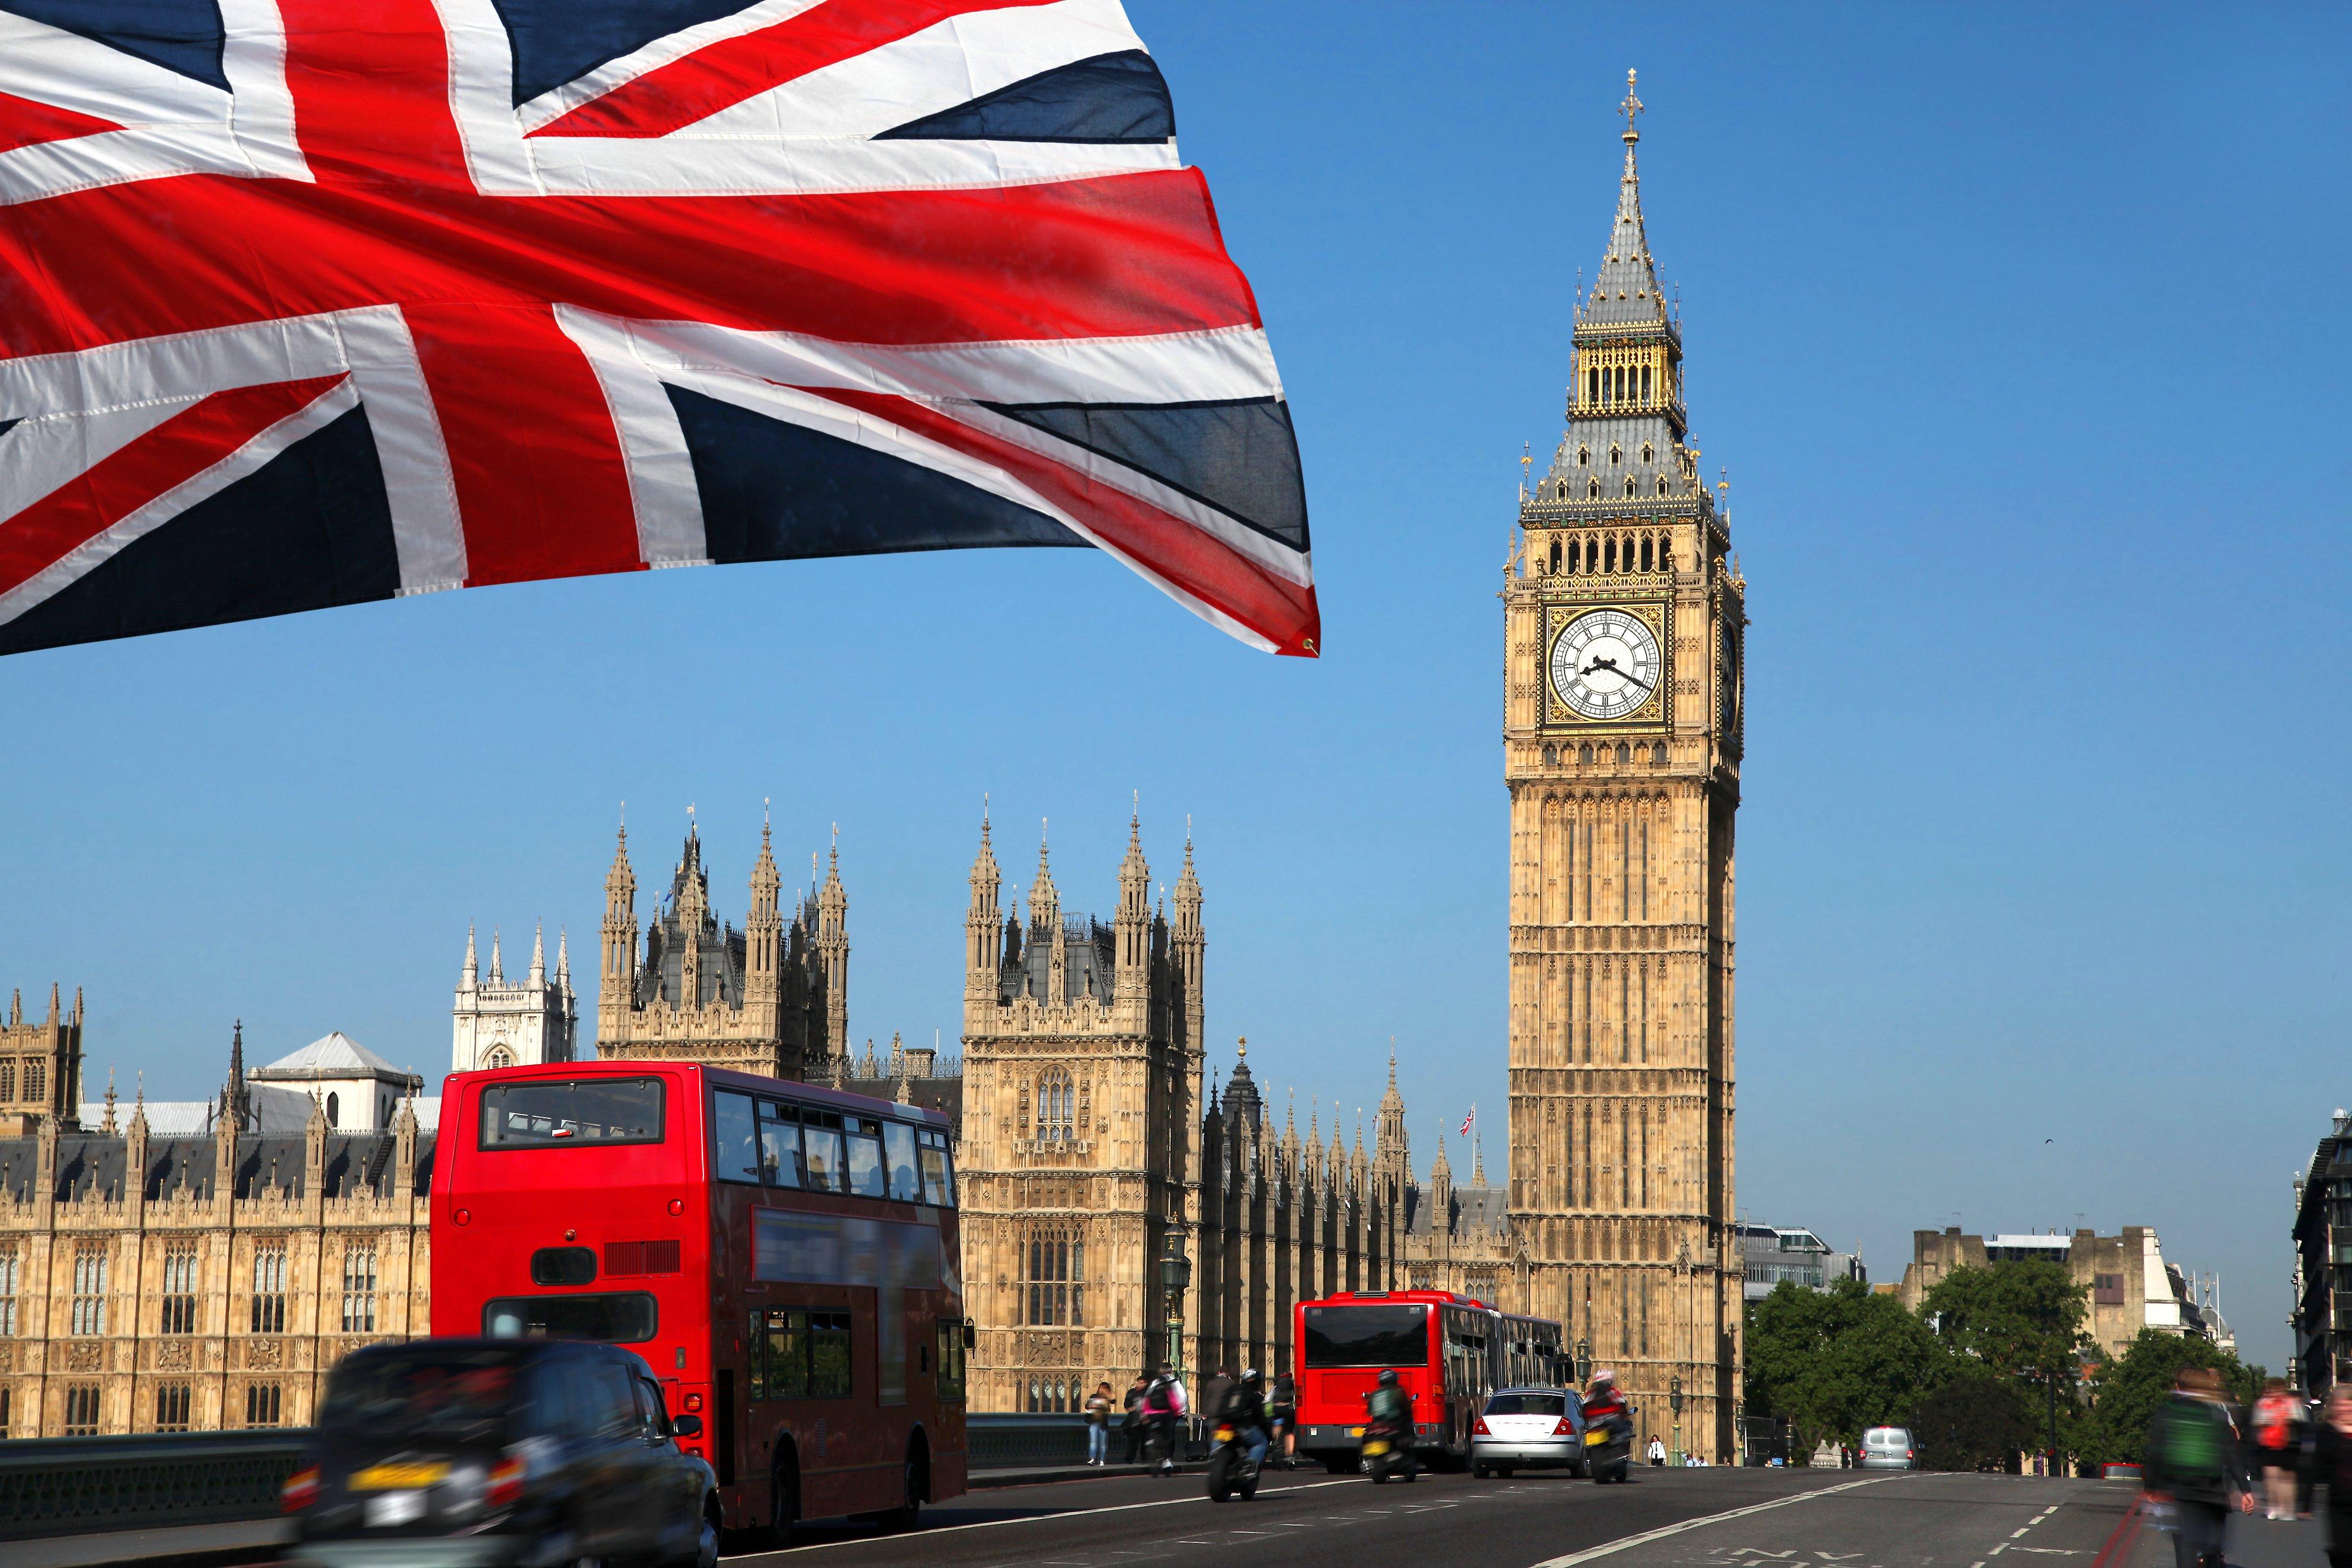 <!--:uk-->Рост напряжения между Россией и Западом: Великобритания должна признать свою ответственность<!--:--><!--:ru-->Рост напряжения между Россией и Западом: Великобритания должна признать свою ответственность<!--:-->